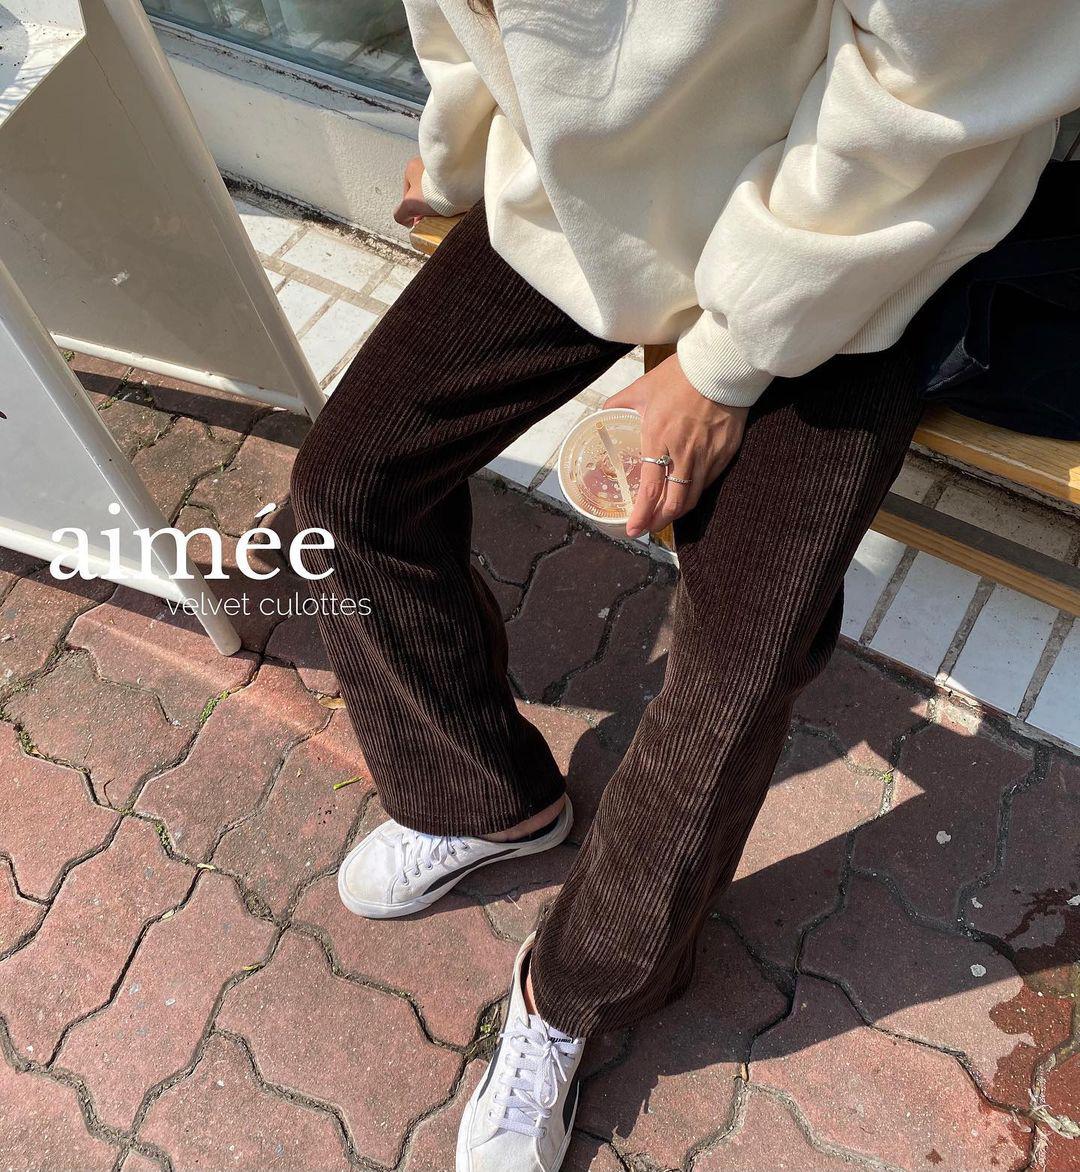 Trời rét nên mua quần nhung tăm: Giá chỉ từ 130K mặc vừa ấm vừa xinh - Ảnh 7.